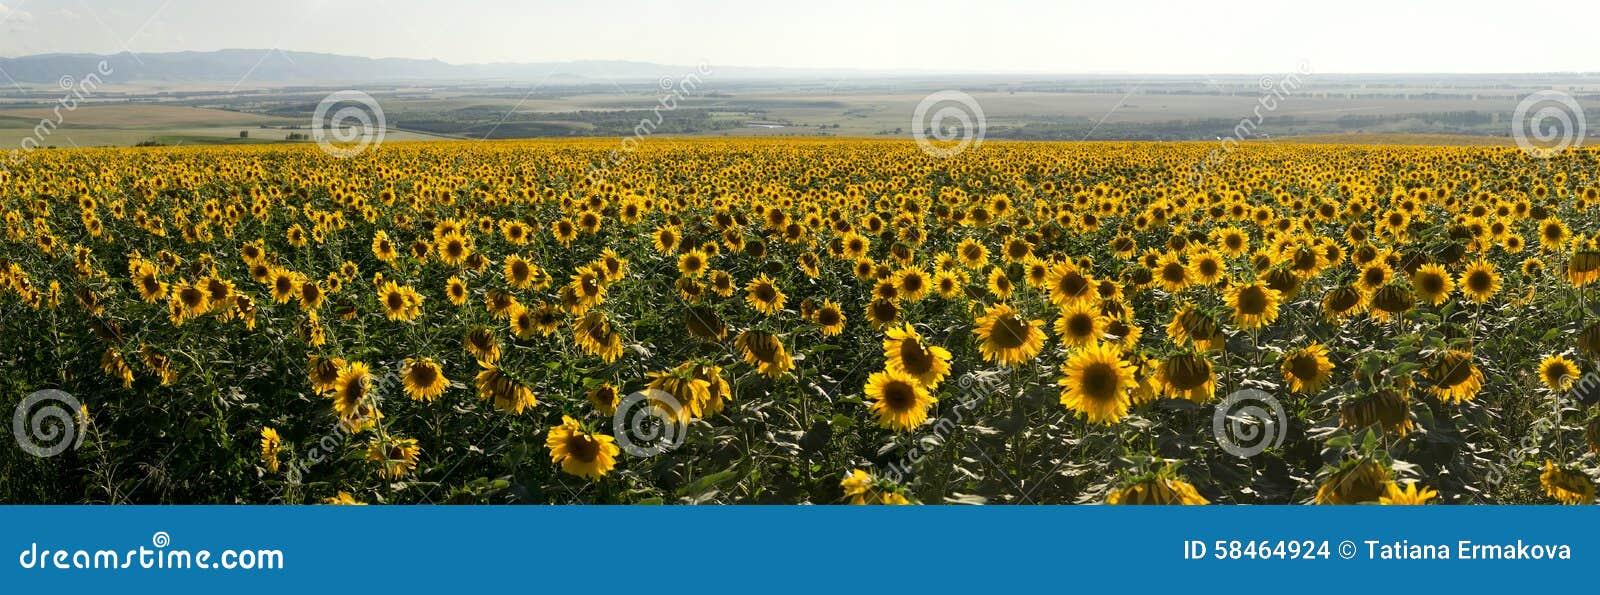 Панорама луга солнцецветов земледелия